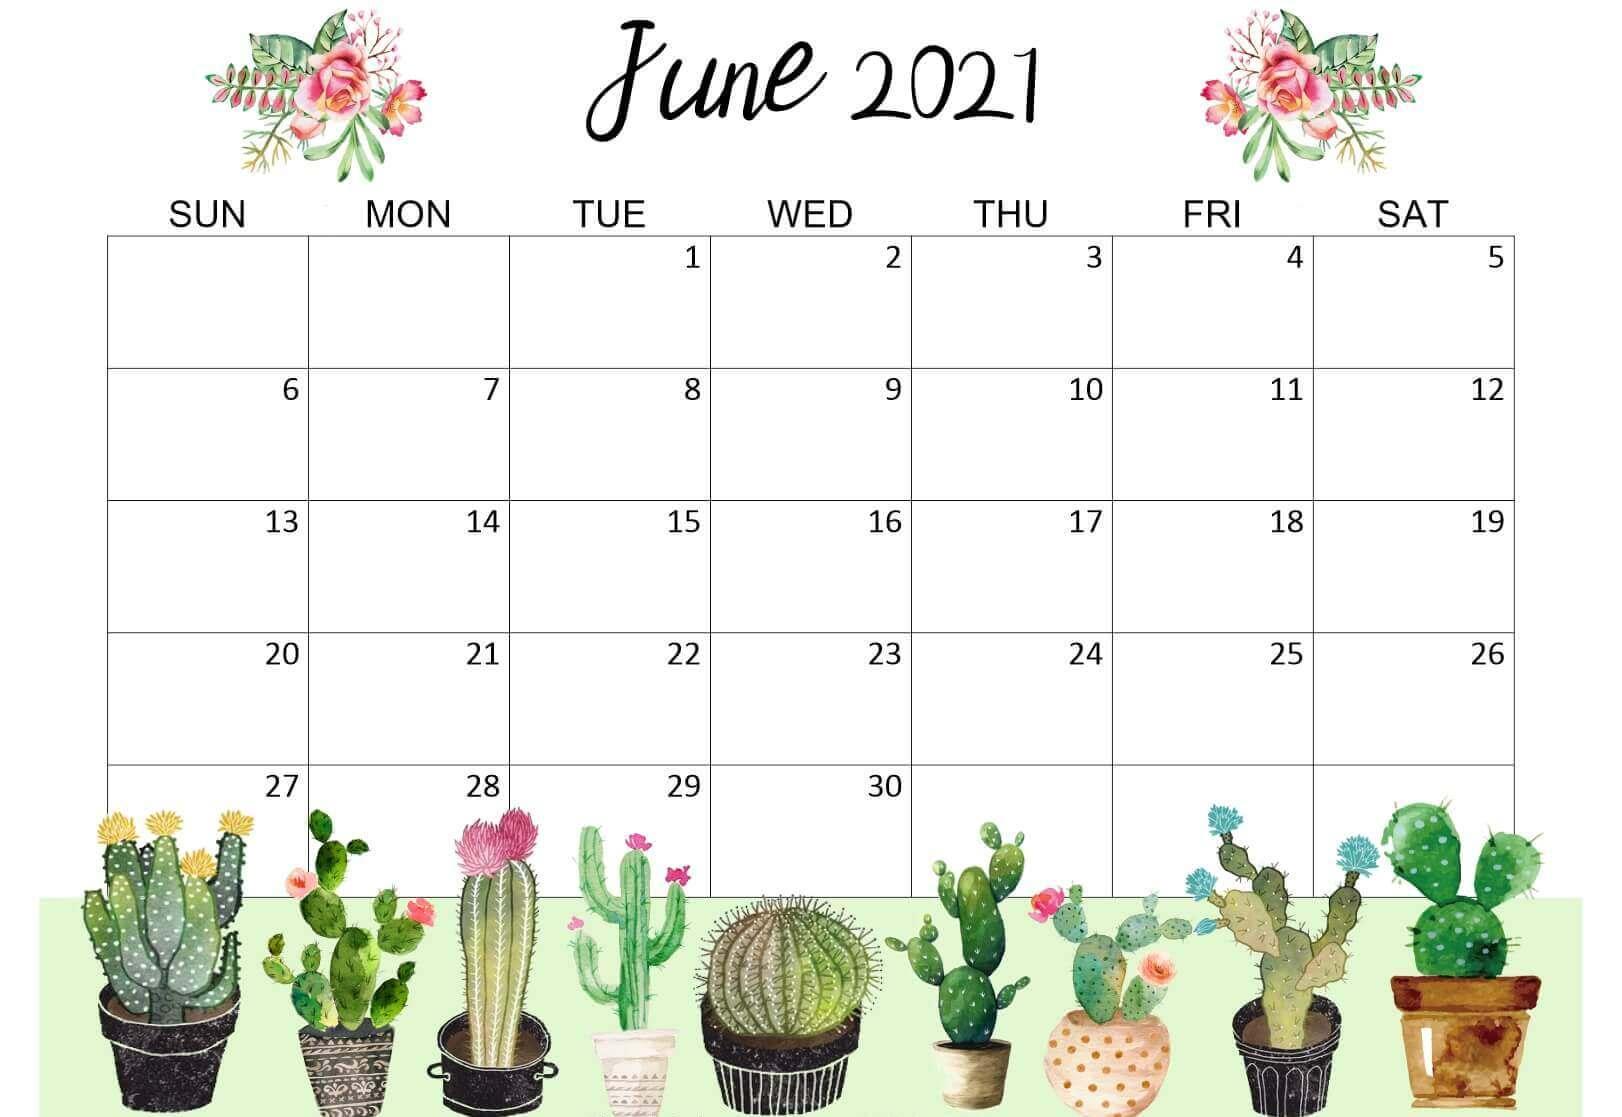 Calendar June 2021 Cute